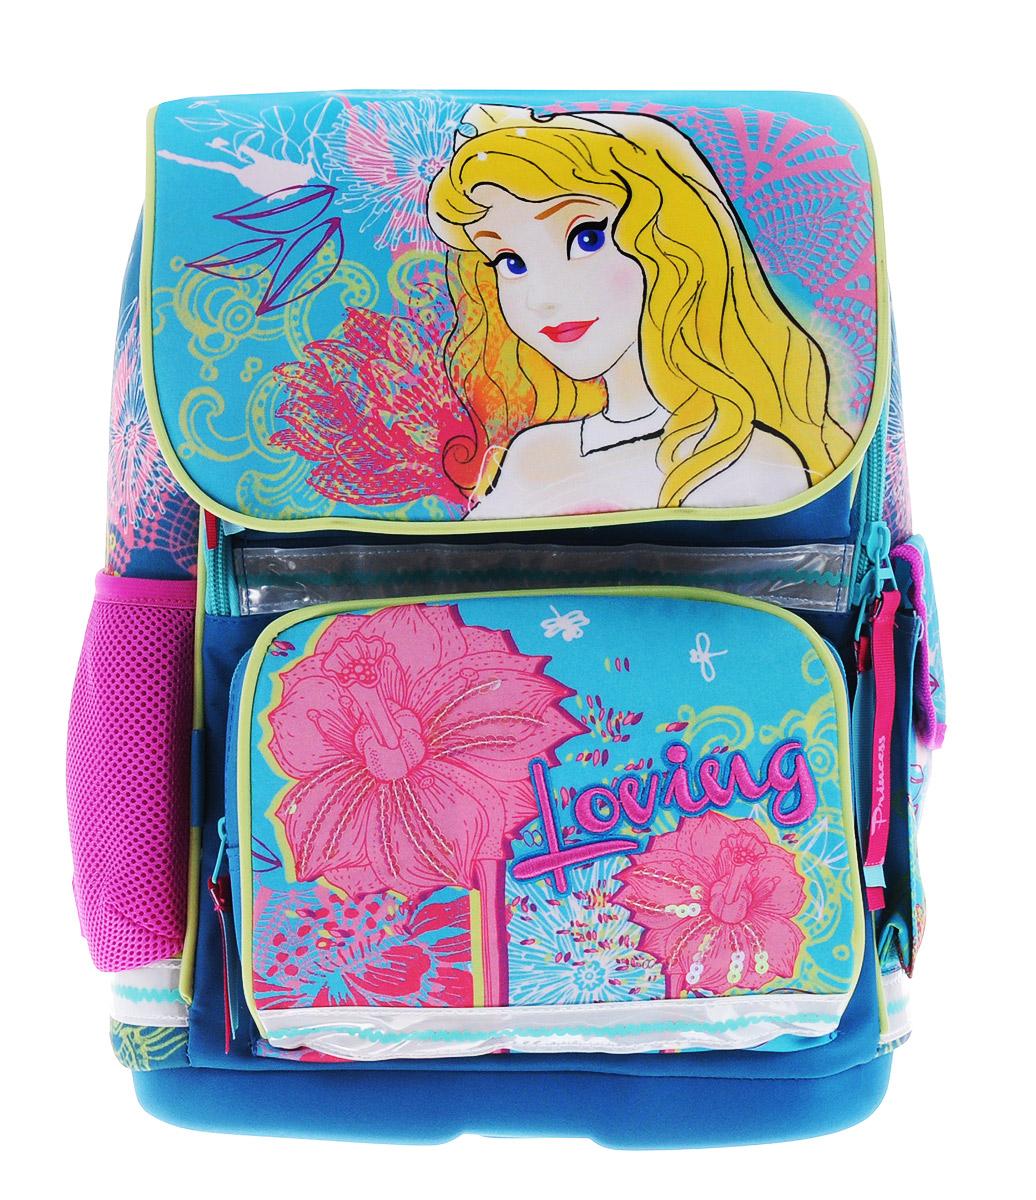 Seventeen Ранец школьный Disney Princess42135/75Ранец школьный Disney Princess - это красивый и удобный рюкзак, который подойдет всем, кто хочет разнообразить свои школьные будни. Ранец выполнен из плотного материала и оформлен оригинальным принтом и вышивкой. Рюкзак имеет одно большое отделение и закрывается на молнию и клапан на липучках. Отделение содержит внутри мягкую перегородку и резинку-держатель. На лицевой стороне рюкзака и под клапаном расположены накладные карманы на молниях. По бокам - один карман-сетка и один закрытый карман на липучке.Рюкзак также оснащен удобной ручкой с резиновой насадкой для удобной переноски и светоотражающими элементами.Широкие регулируемые лямки и сетчатые мягкие вставки на спинке рюкзака предохранят мышцы спины ребенка от перенапряжения при длительном ношении. У ранца имеется грудное крепление-стяжка для фиксации на плечах ребенка. Дно ранца выполнено из пластика, обтянутого тканью, оно не деформируется, обеспечивает ранцу хорошую устойчивость и легко очищается от загрязнений.Многофункциональный детский рюкзак станет незаменимым спутником вашего ребенка.